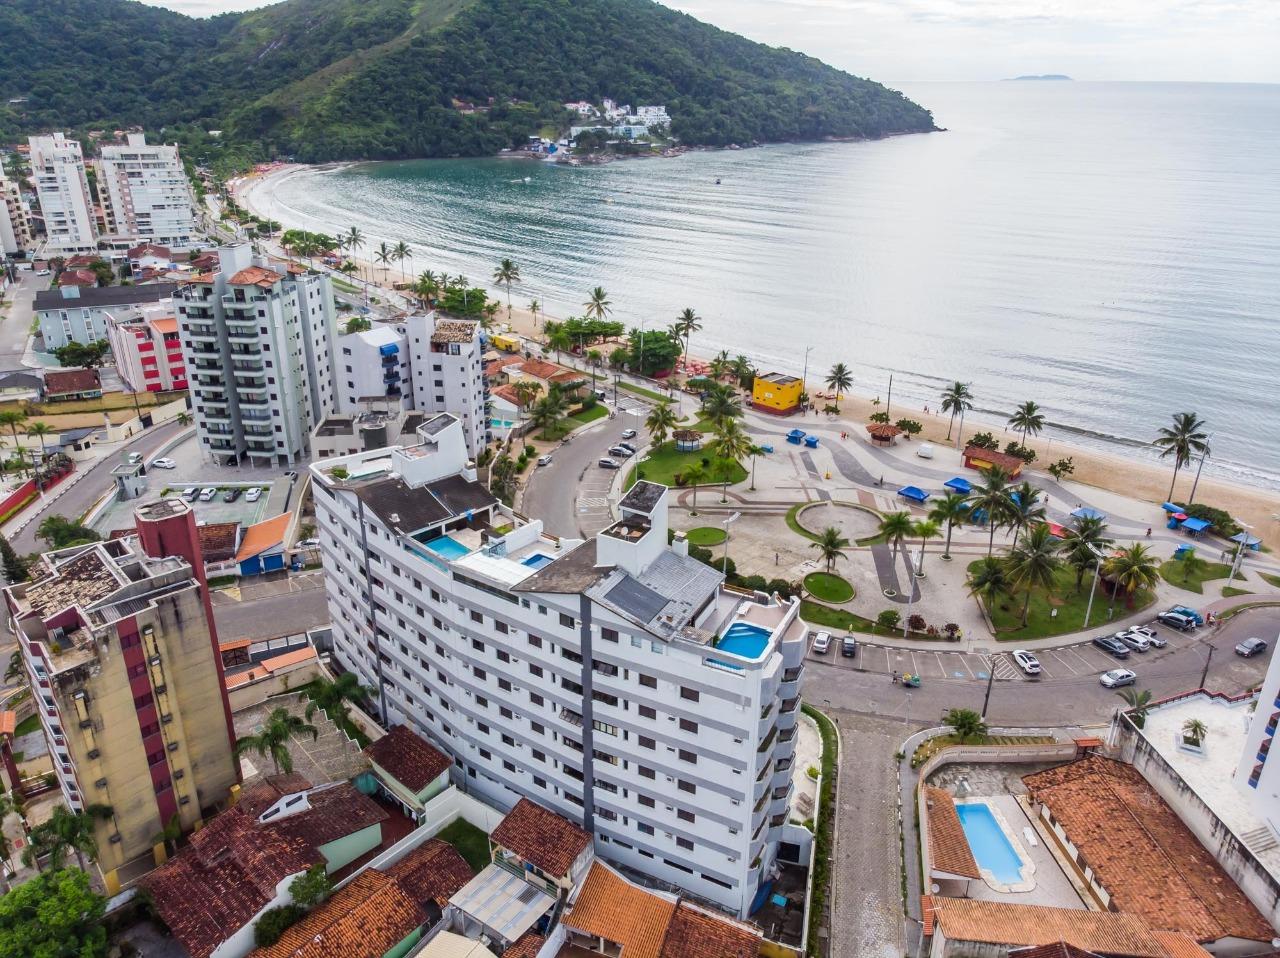 Apartamento com 4 dormitórios (2 suítes) à venda em Caraguatatuba, no bairro Martim de Sá